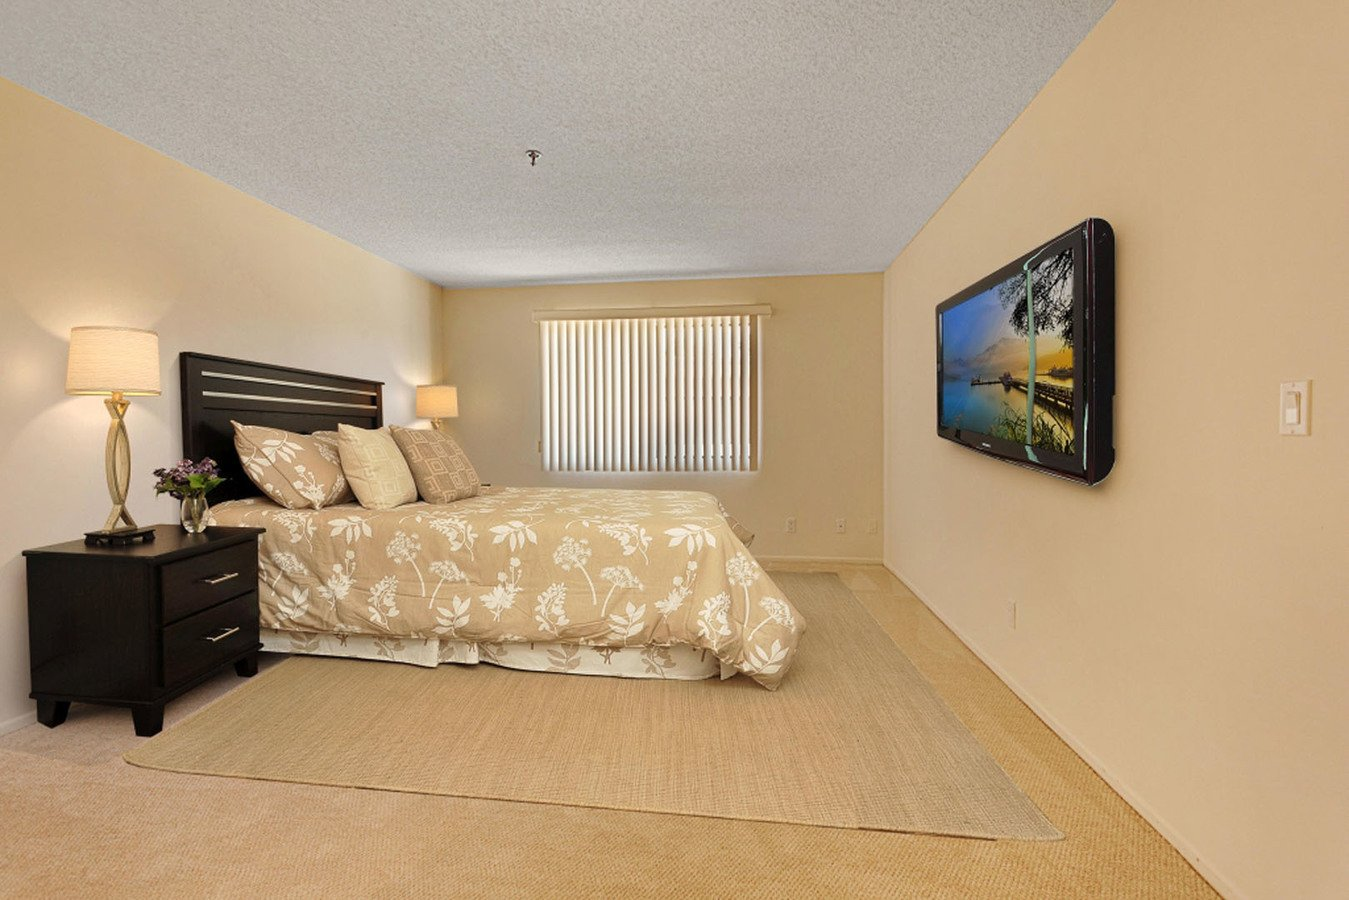 1 Bedroom 1 Bathroom Apartment for rent at Encino Majestic in Encino, CA